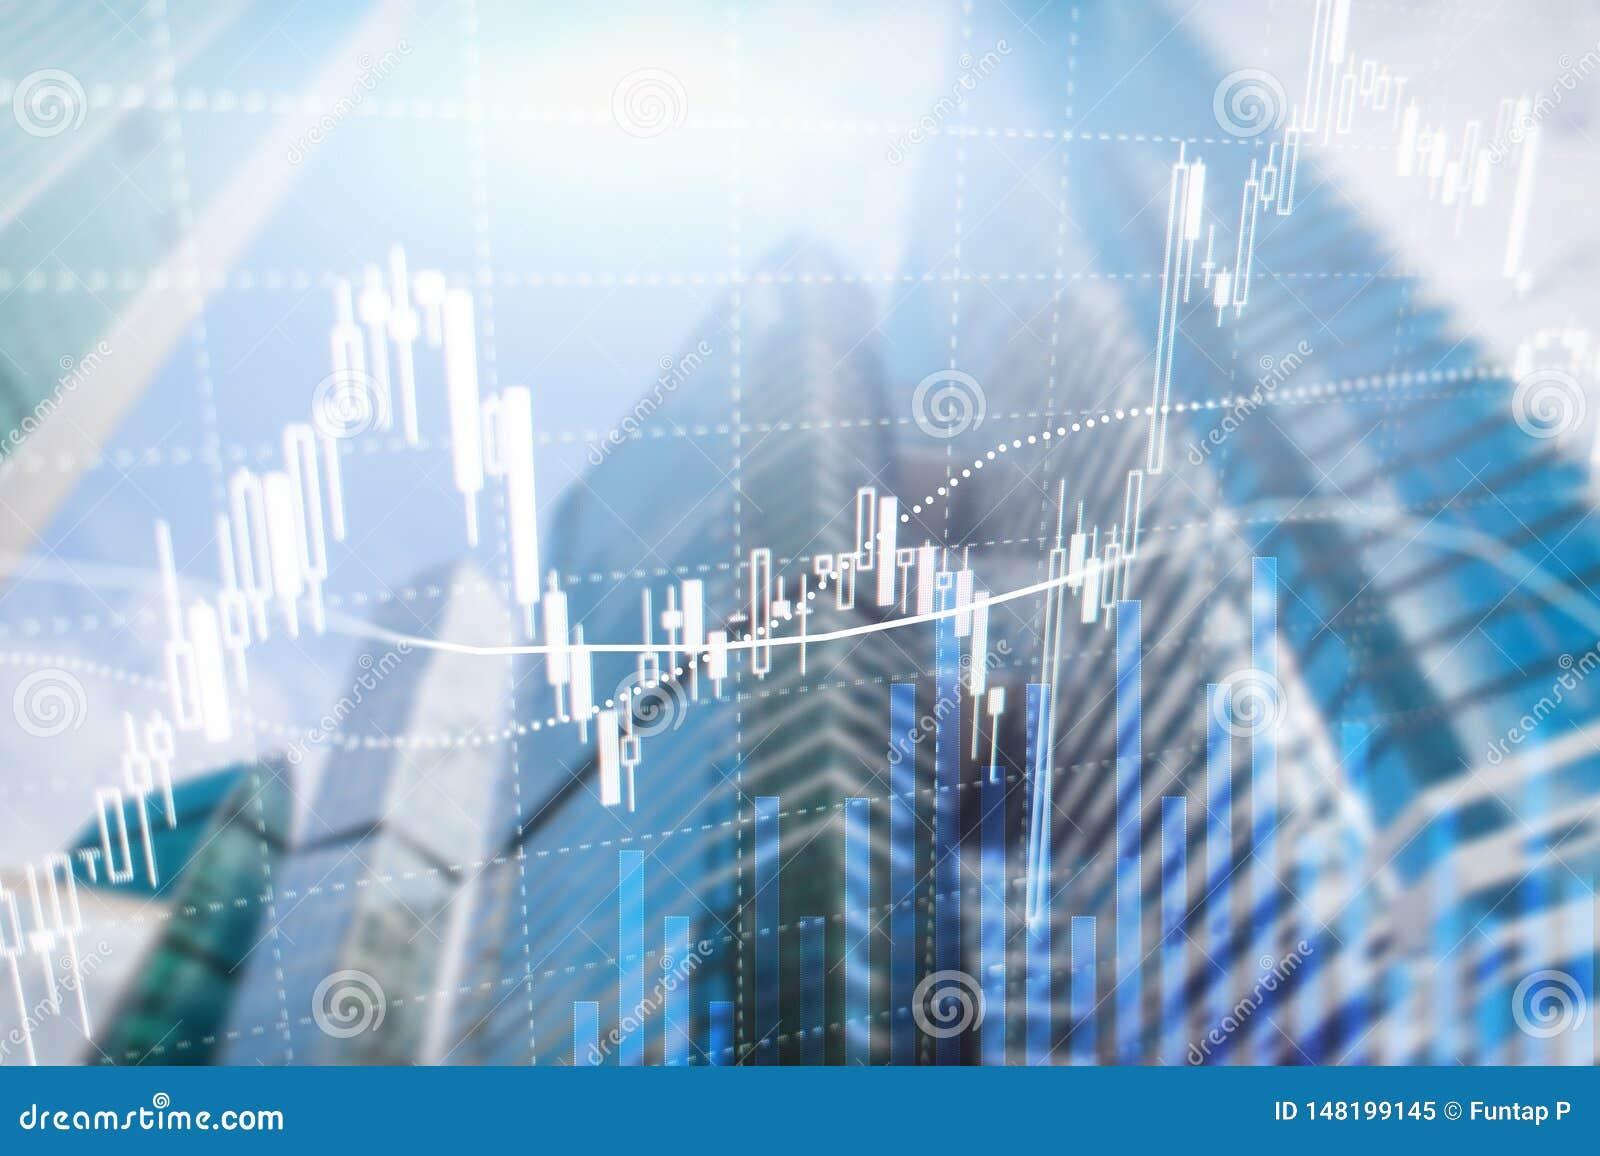 Troca dos estrangeiros, mercado financeiro, conceito do investimento no fundo do centro de neg?cios